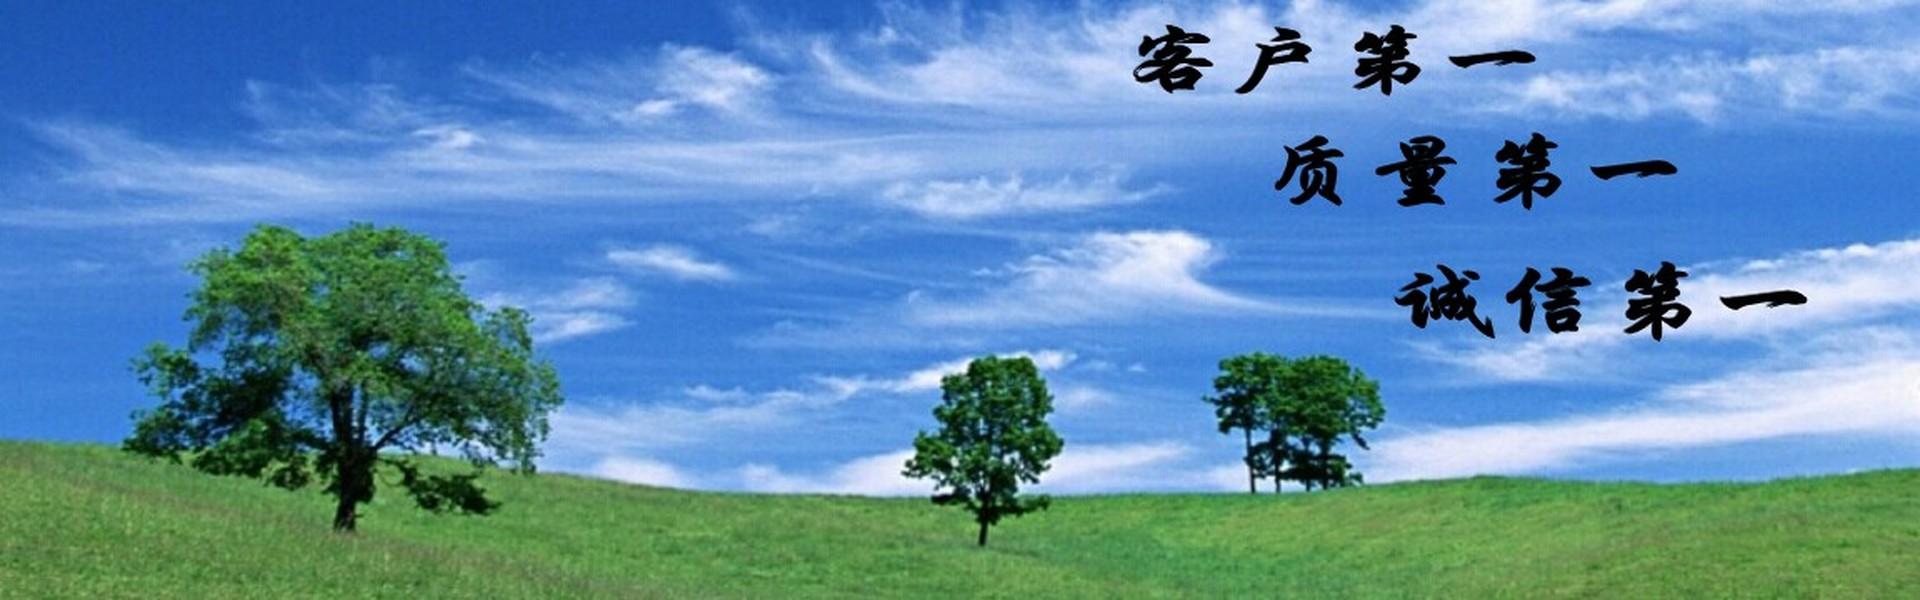 安徽京翼建築工程檢測有限公司網站首頁大圖之二